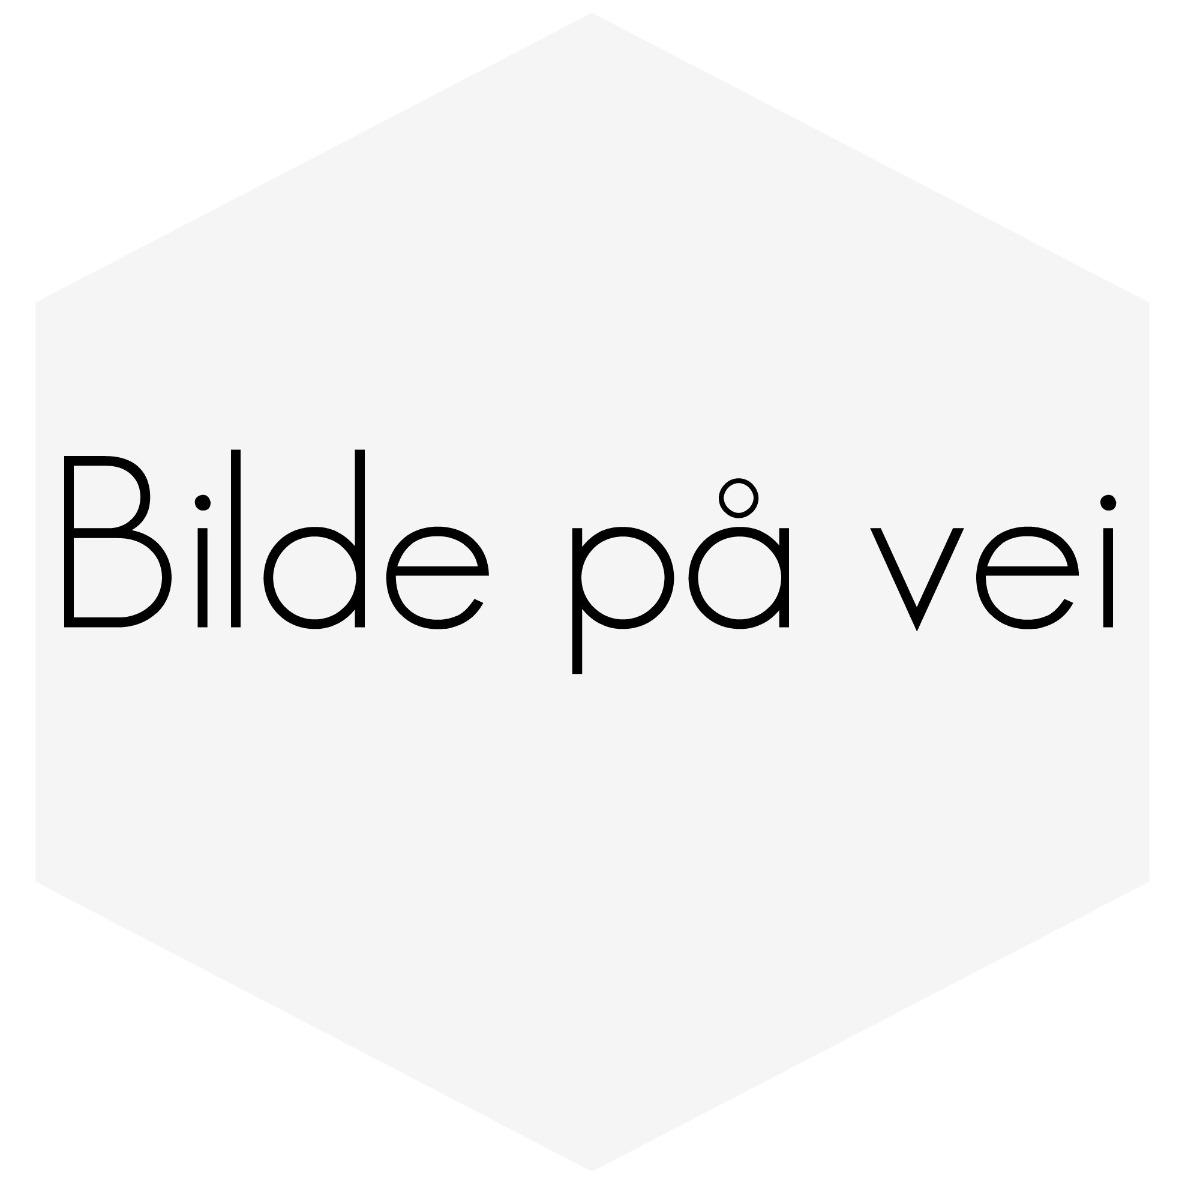 BLINKLAMPE S/V40-01-04  CROM HØYRE  30621832,30621835